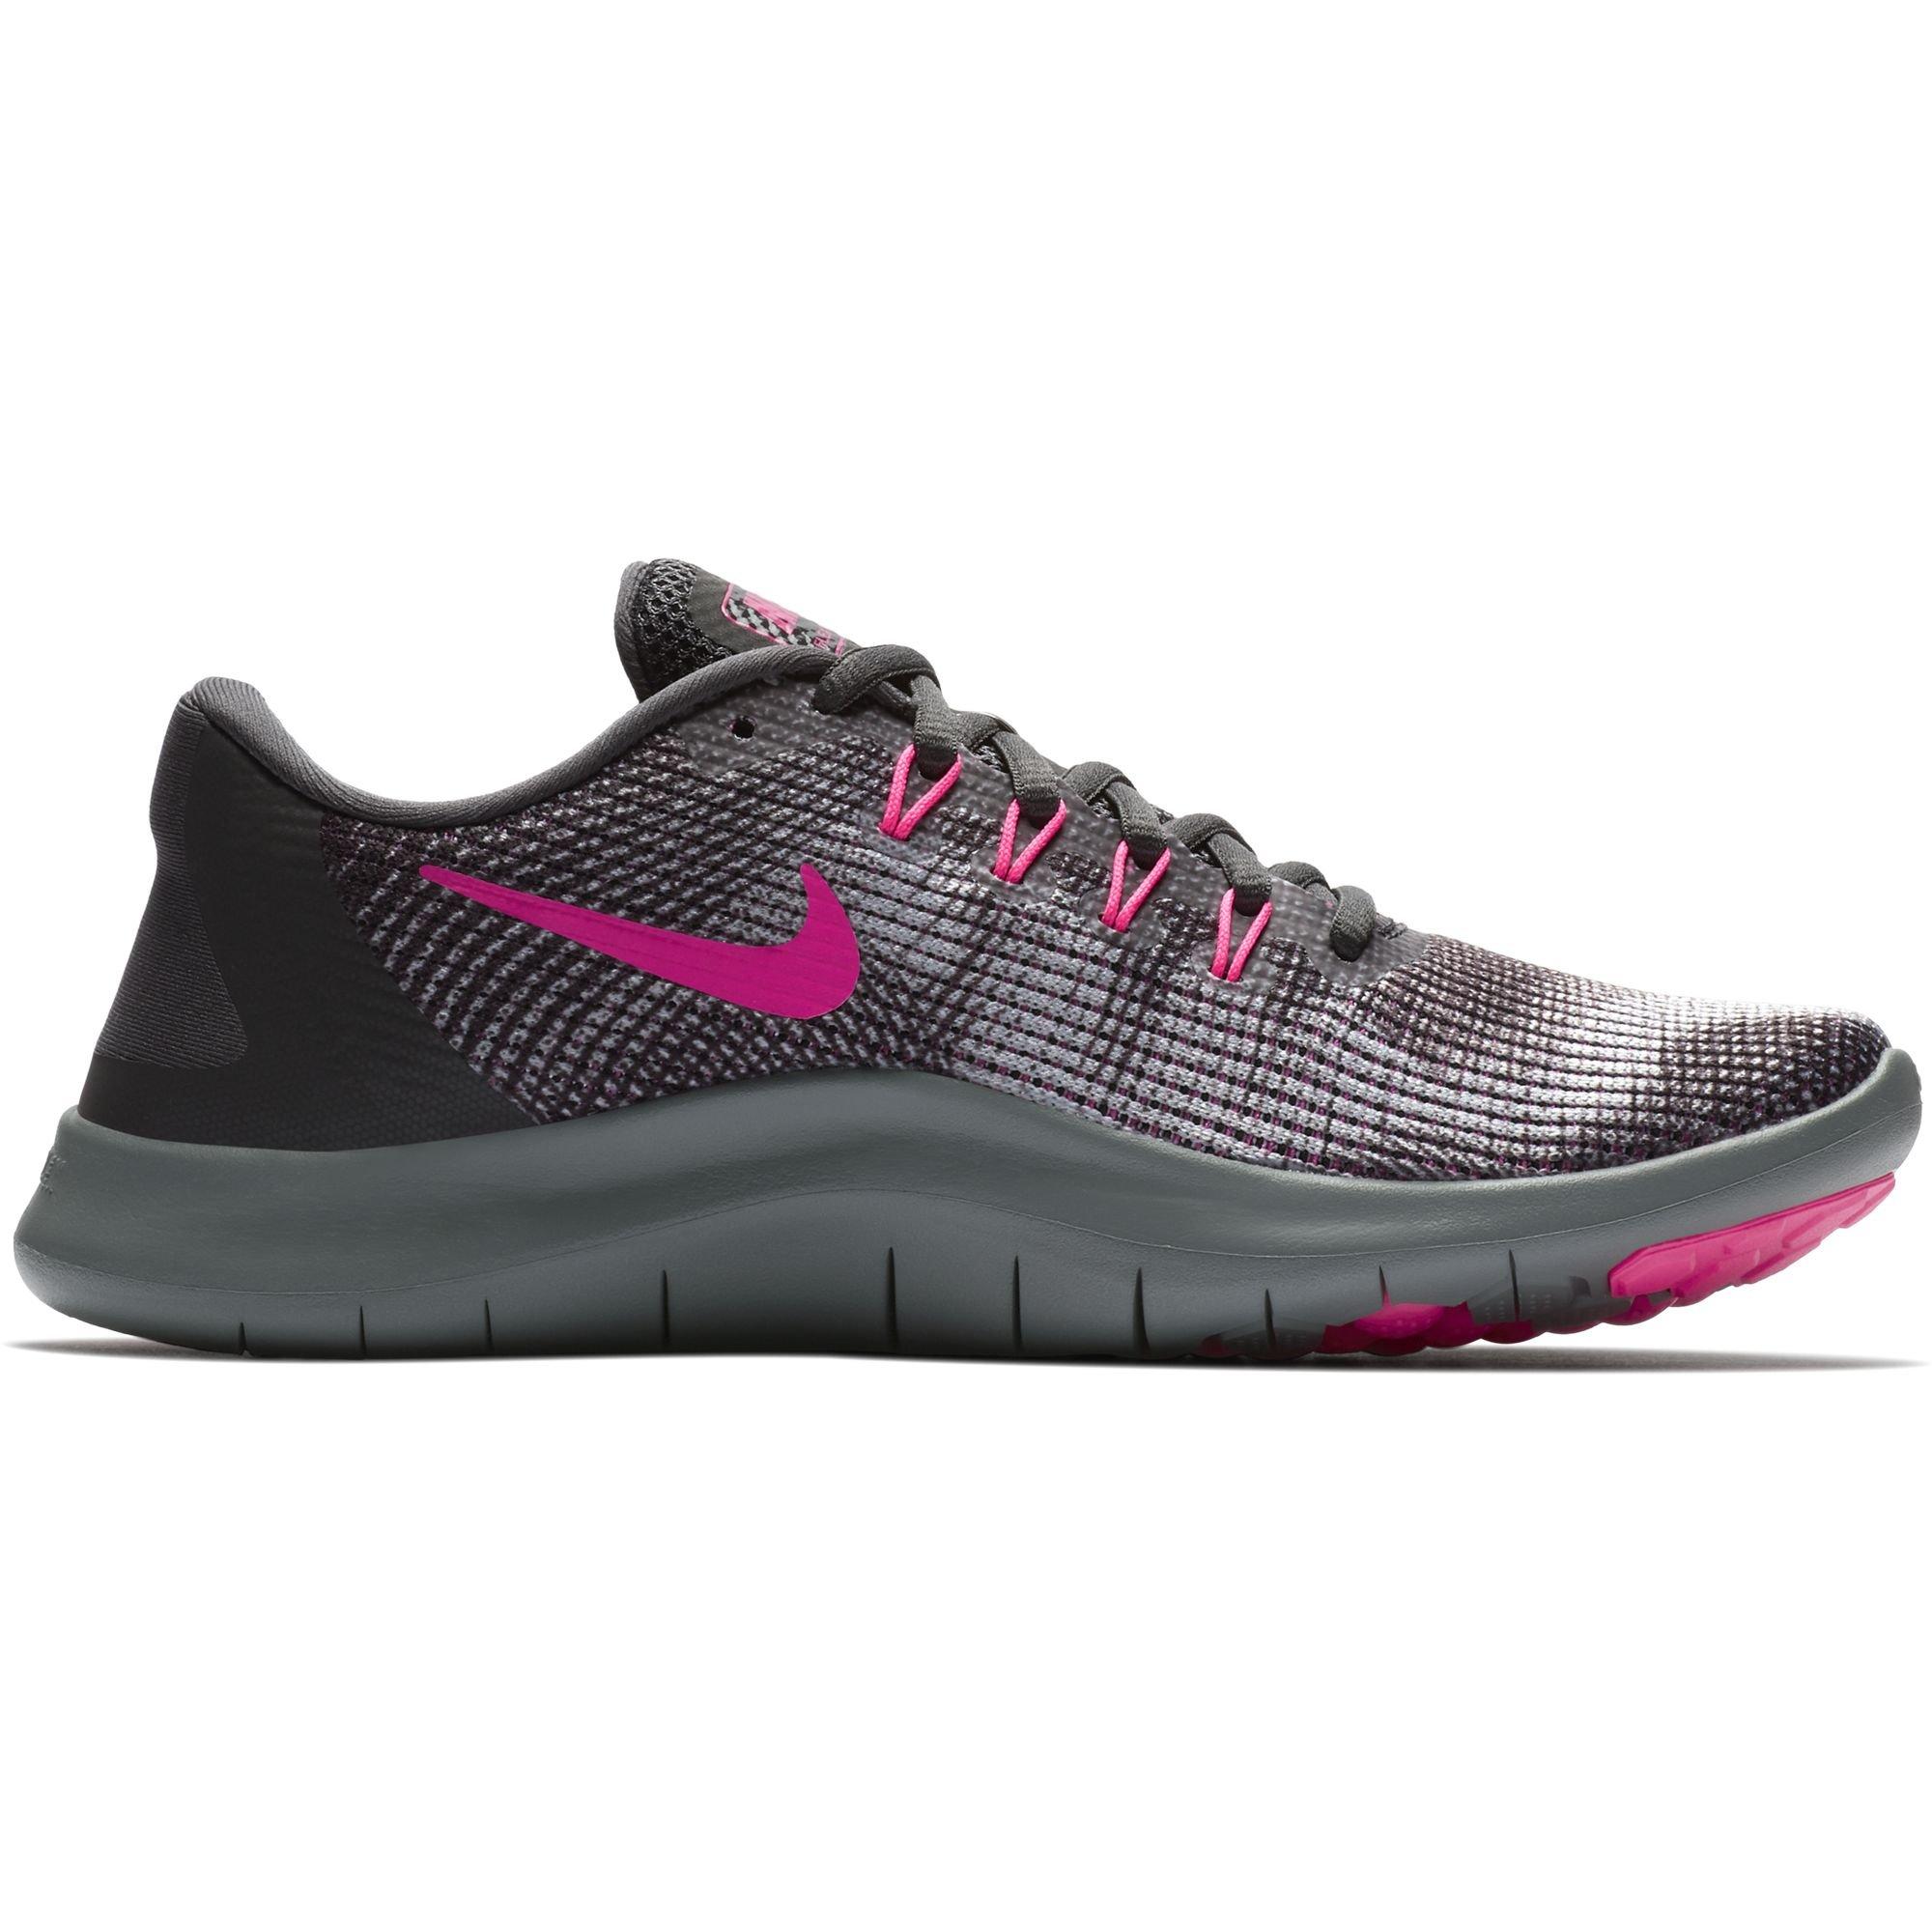 671678c4ee51 Galleon - NIKE Women s Flex RN 2018 Running Shoe Anthracite Hyper Pink Wolf Grey  Size 11 M US